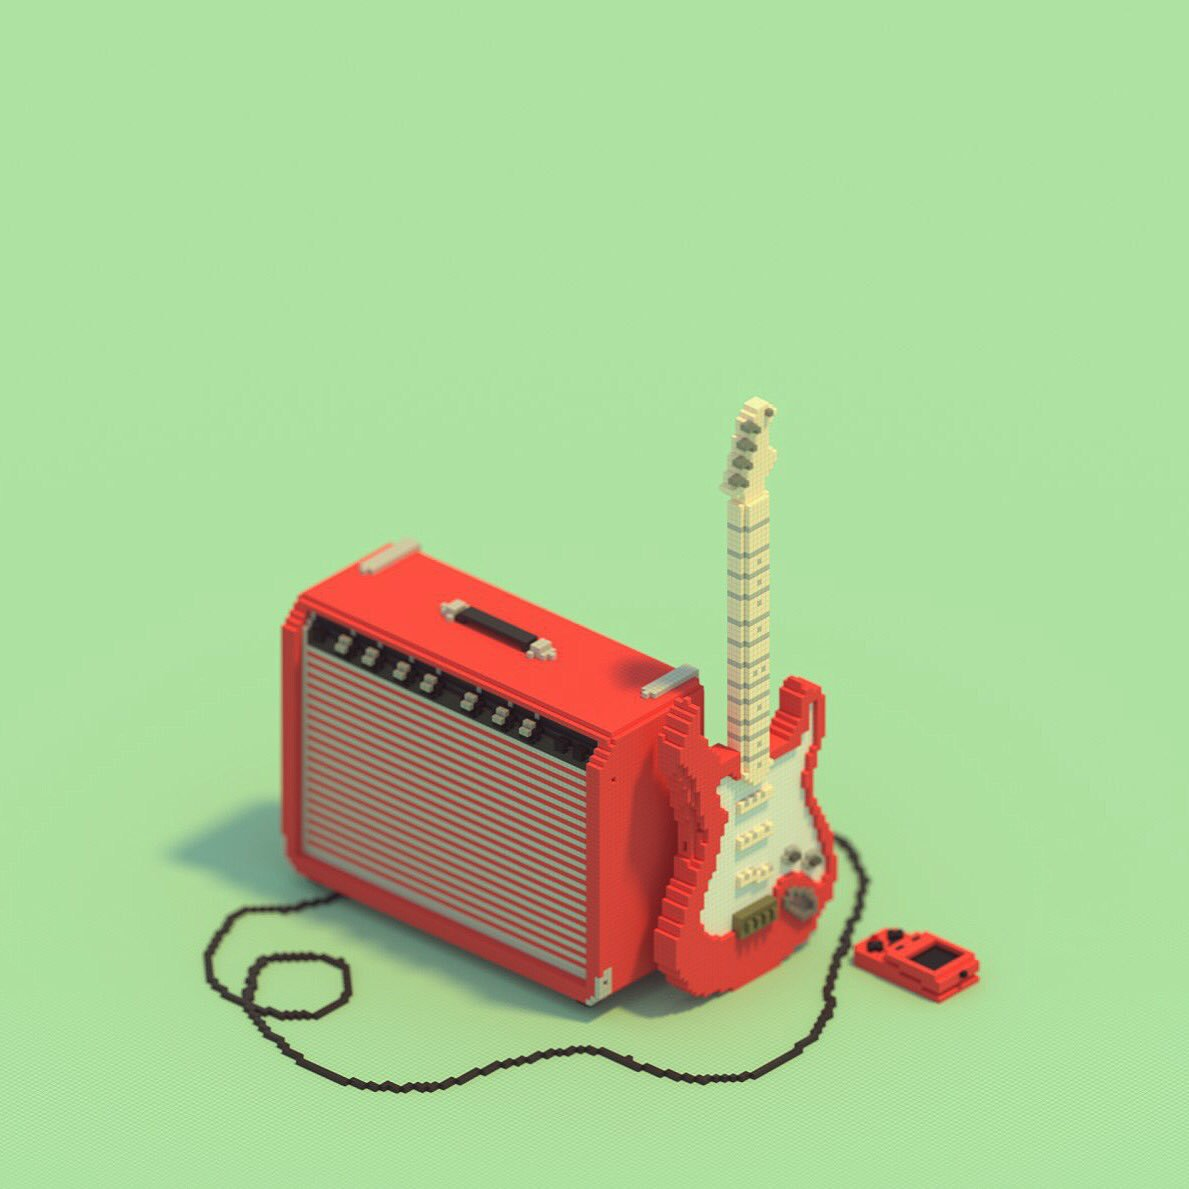 #magicavoxel #voxel #voxelart #fender #guitar https://t.co/fPN4f939r7